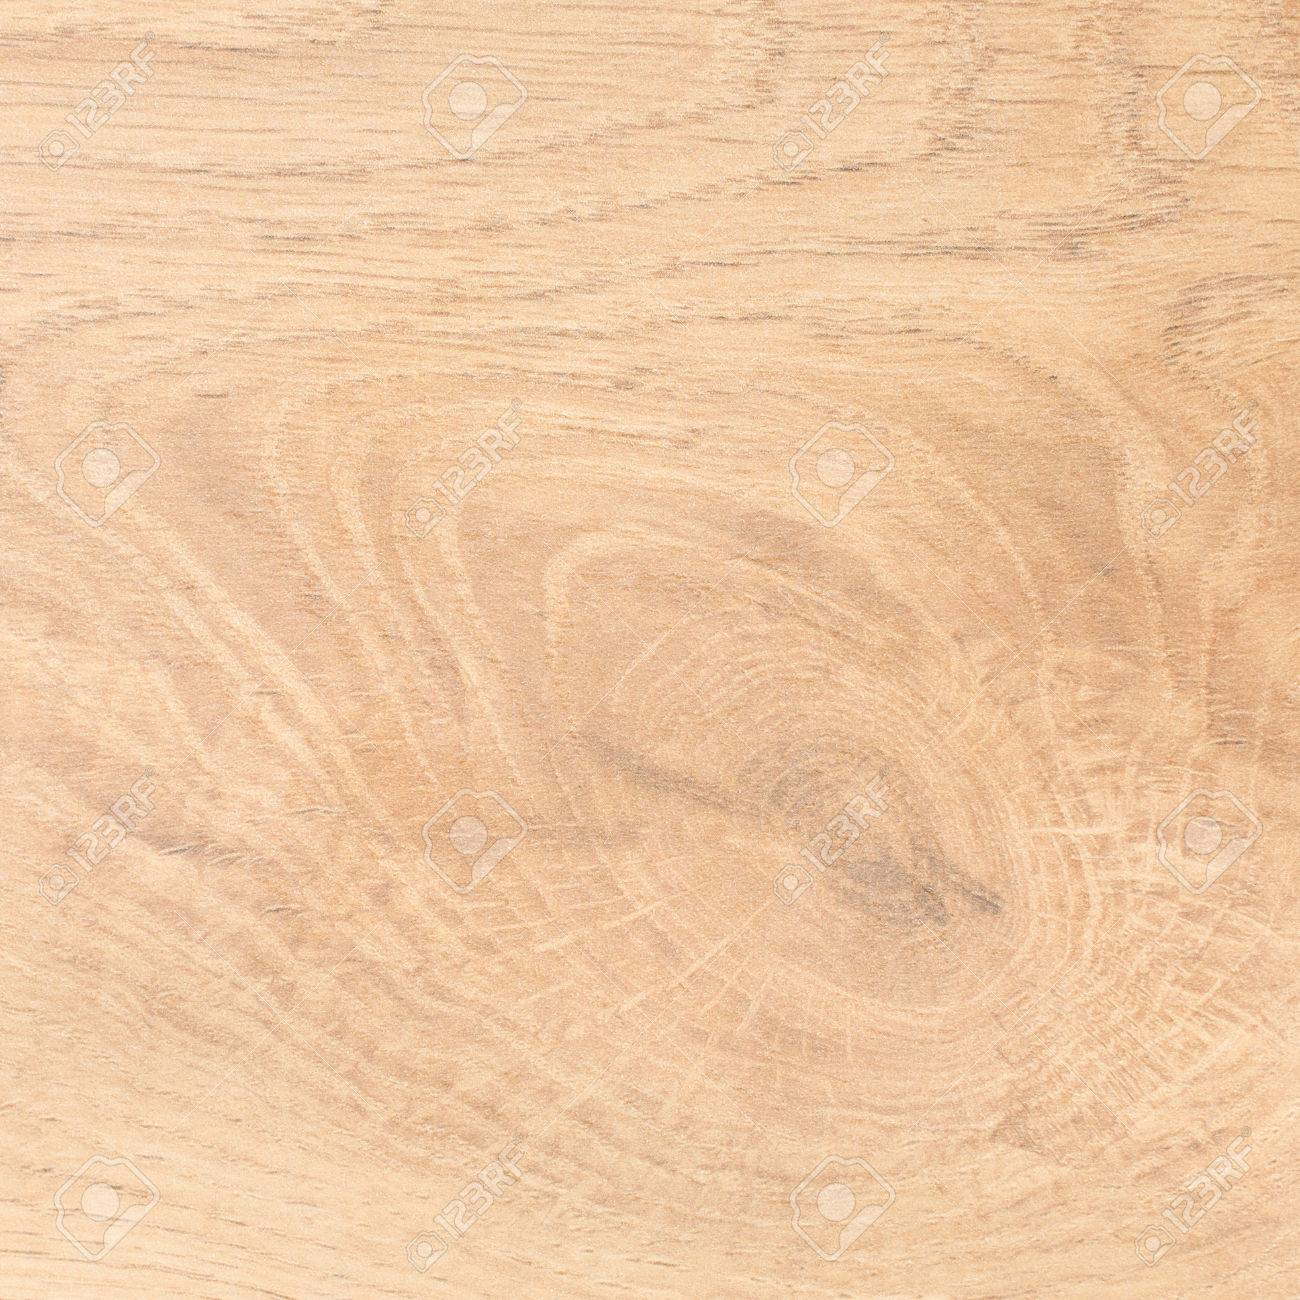 Laminat textur  Jahresring Aus Holz Laminat Textur Und Hintergrund Lizenzfreie ...